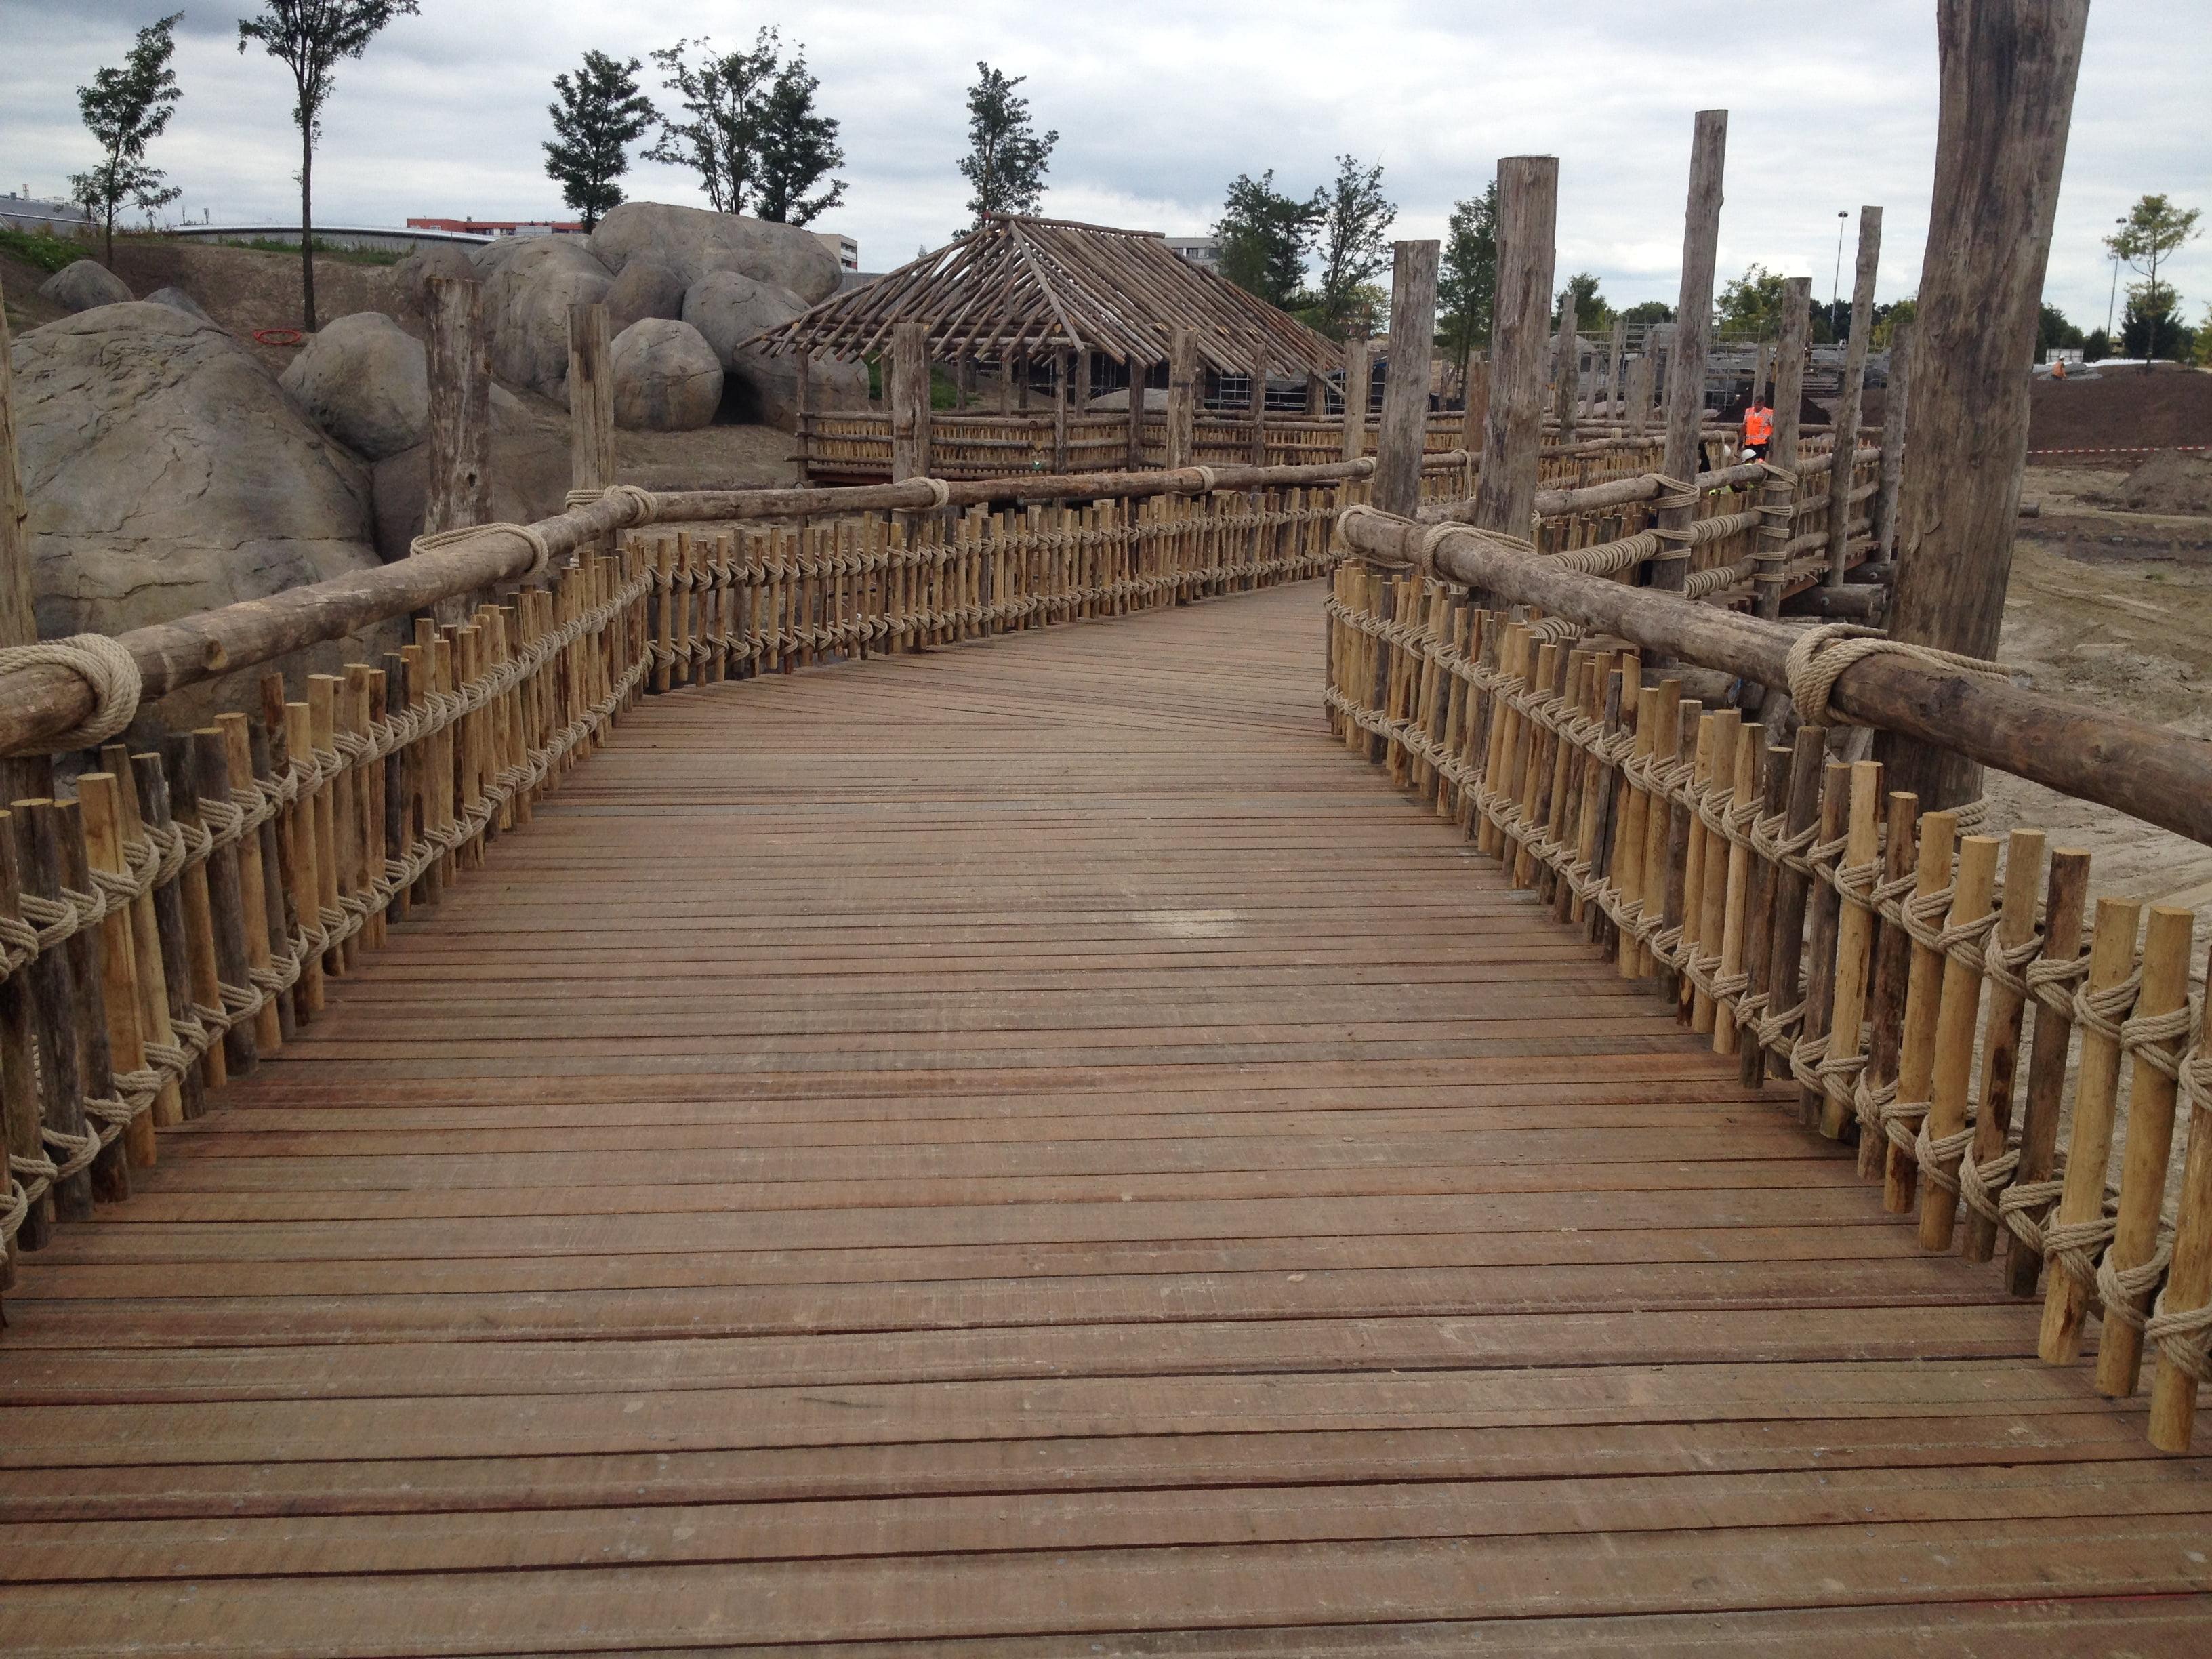 grootlemmerbruggen_houten_brug_liggerbrug_Emmen I.02